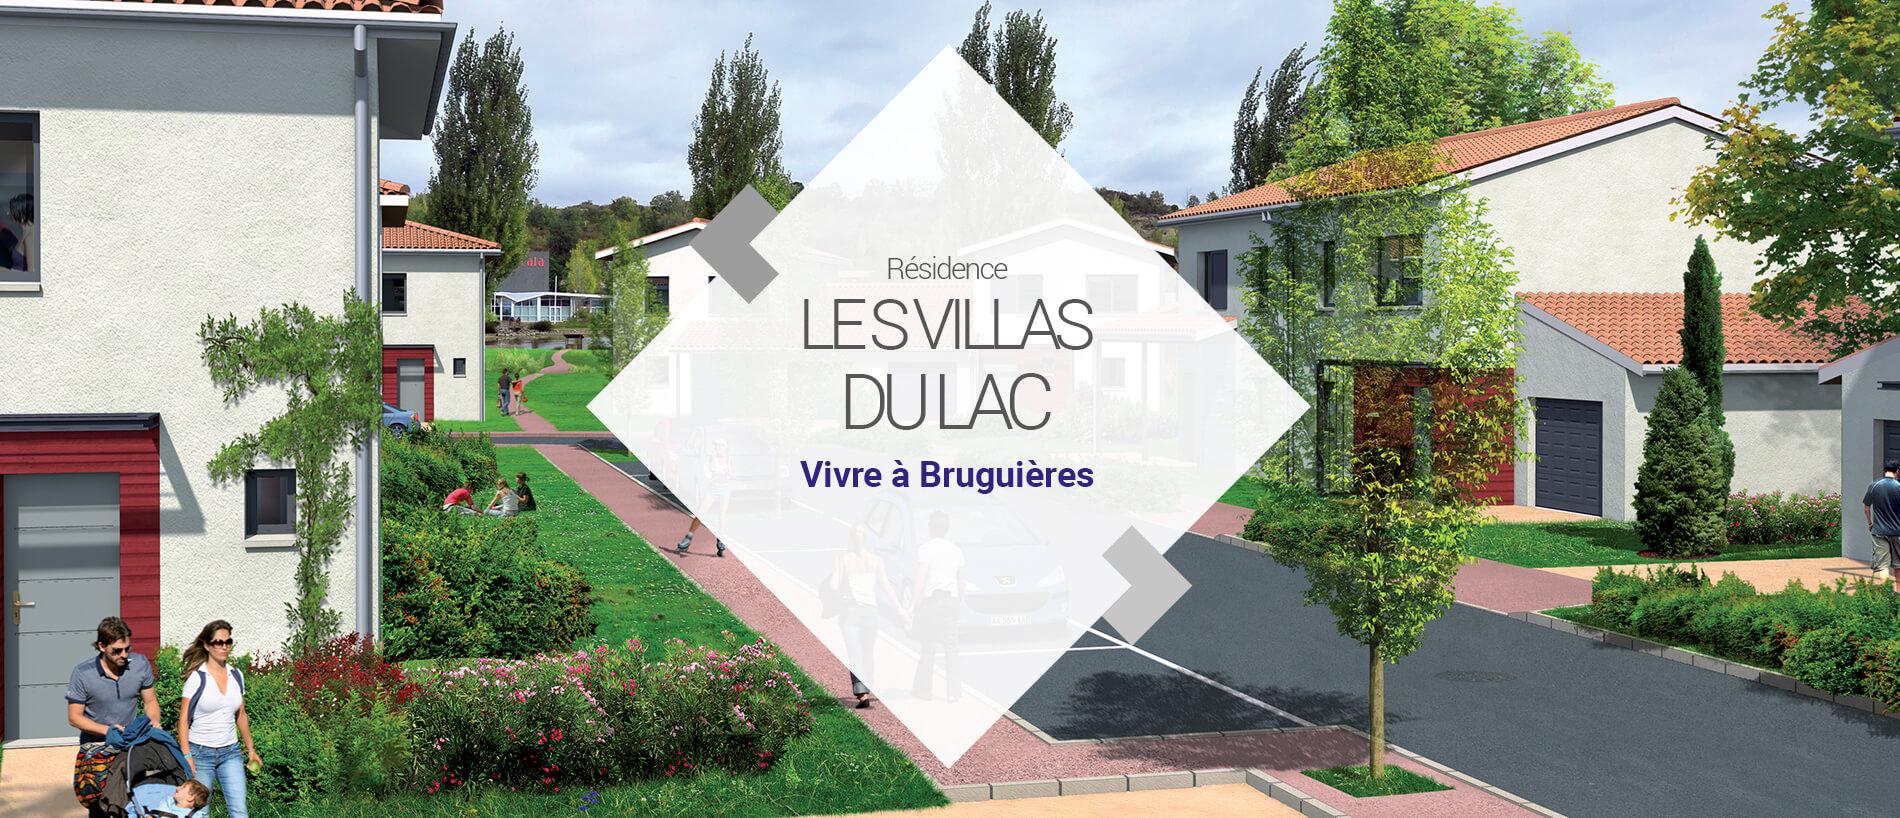 BG Promotion - Slide Vidéo 3D - Les Villas du Lac